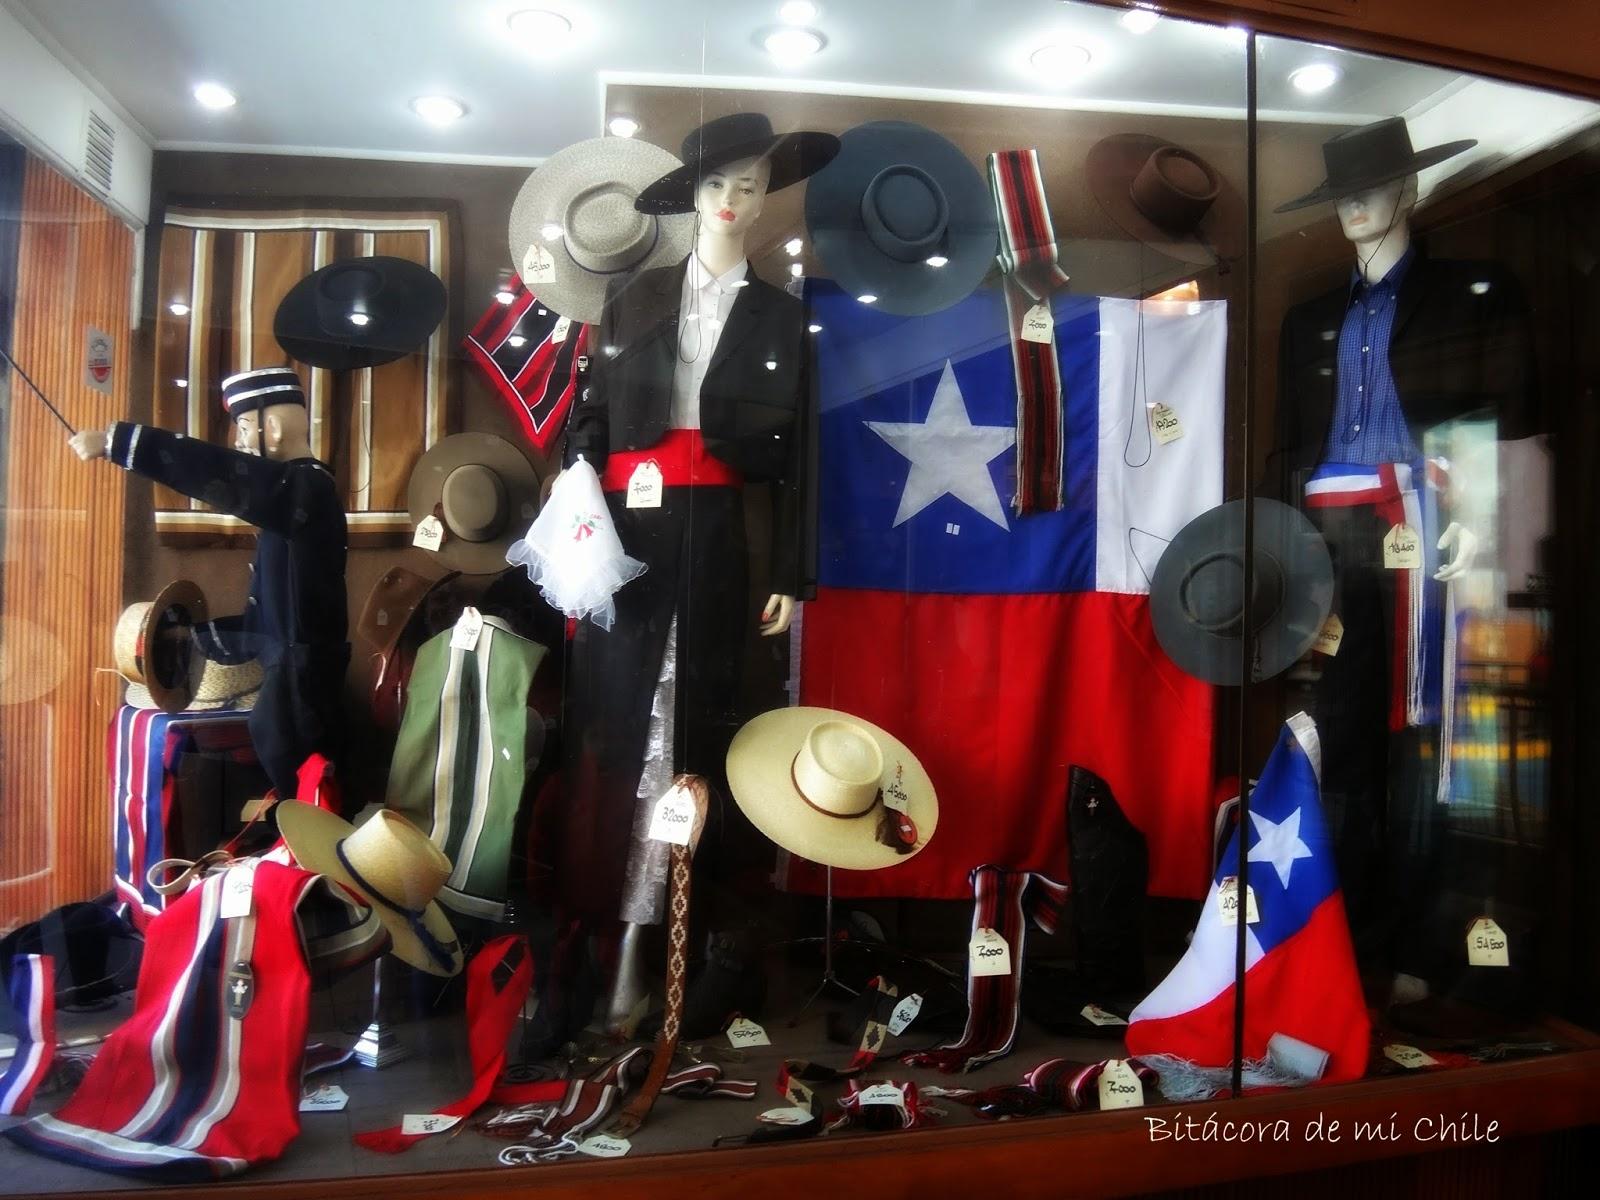 Bitacora de mi Chile  Donde Golpea el Monito 680542c716f